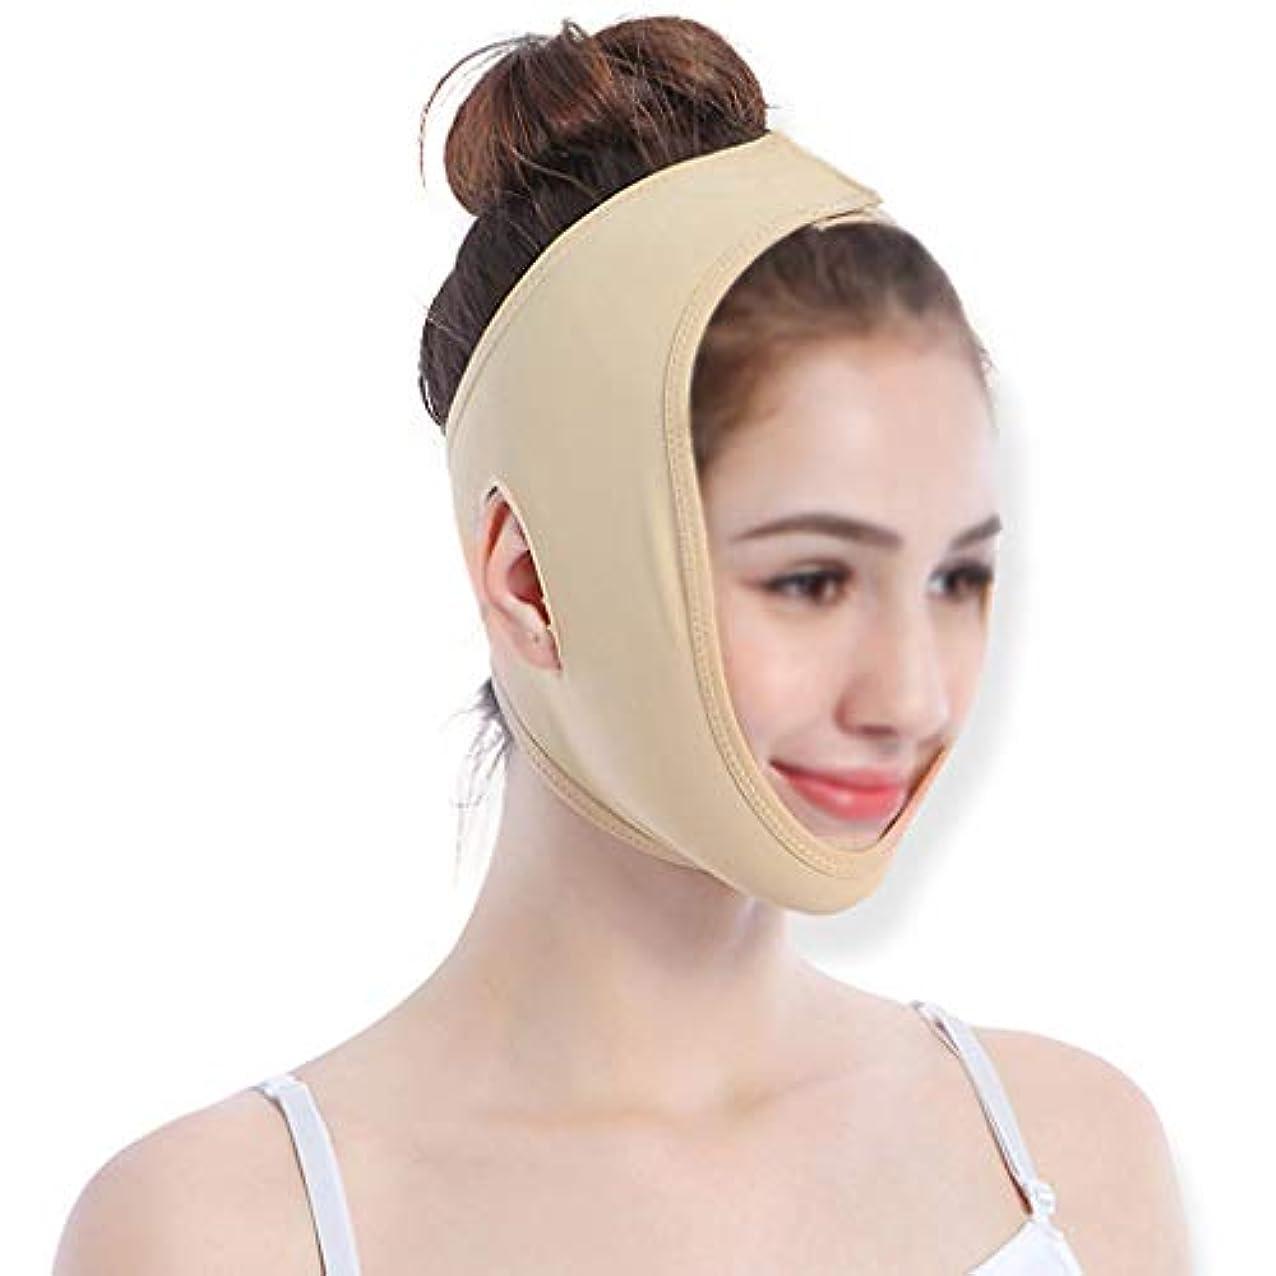 音楽を聴く時計褐色GLJJQMY スリムな包帯V顔の顔のアーティファクトは、女性と女性のための繊細な顔のしわ防止フェイシャルツールを向上させます 顔用整形マスク (Size : M)